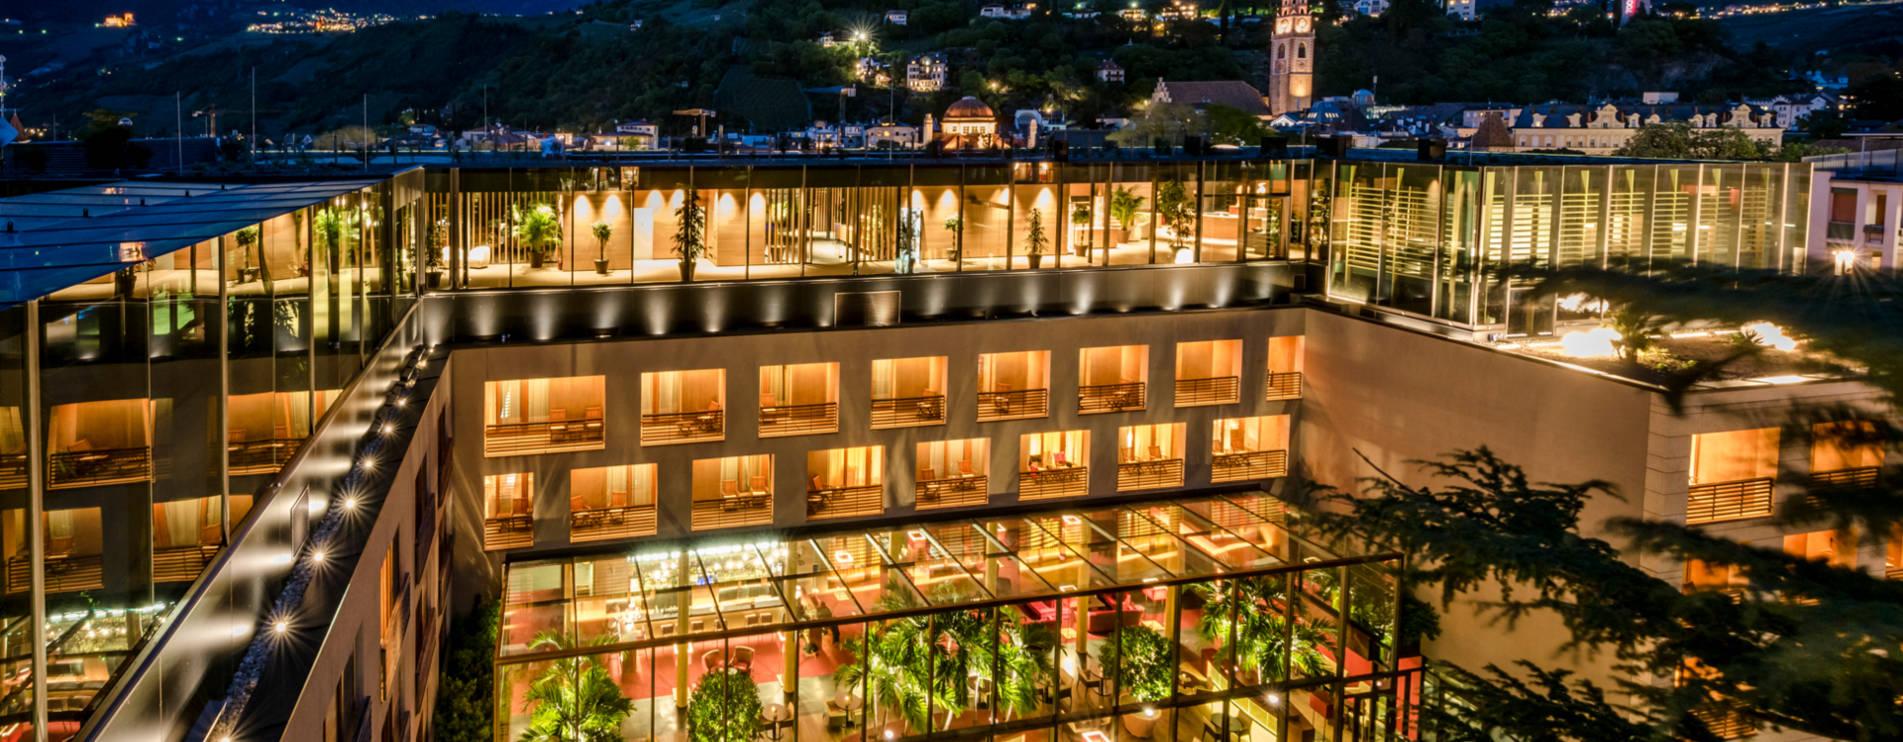 Hotel Therme Merano - Hotel 5 Stelle Spa Alto Adige